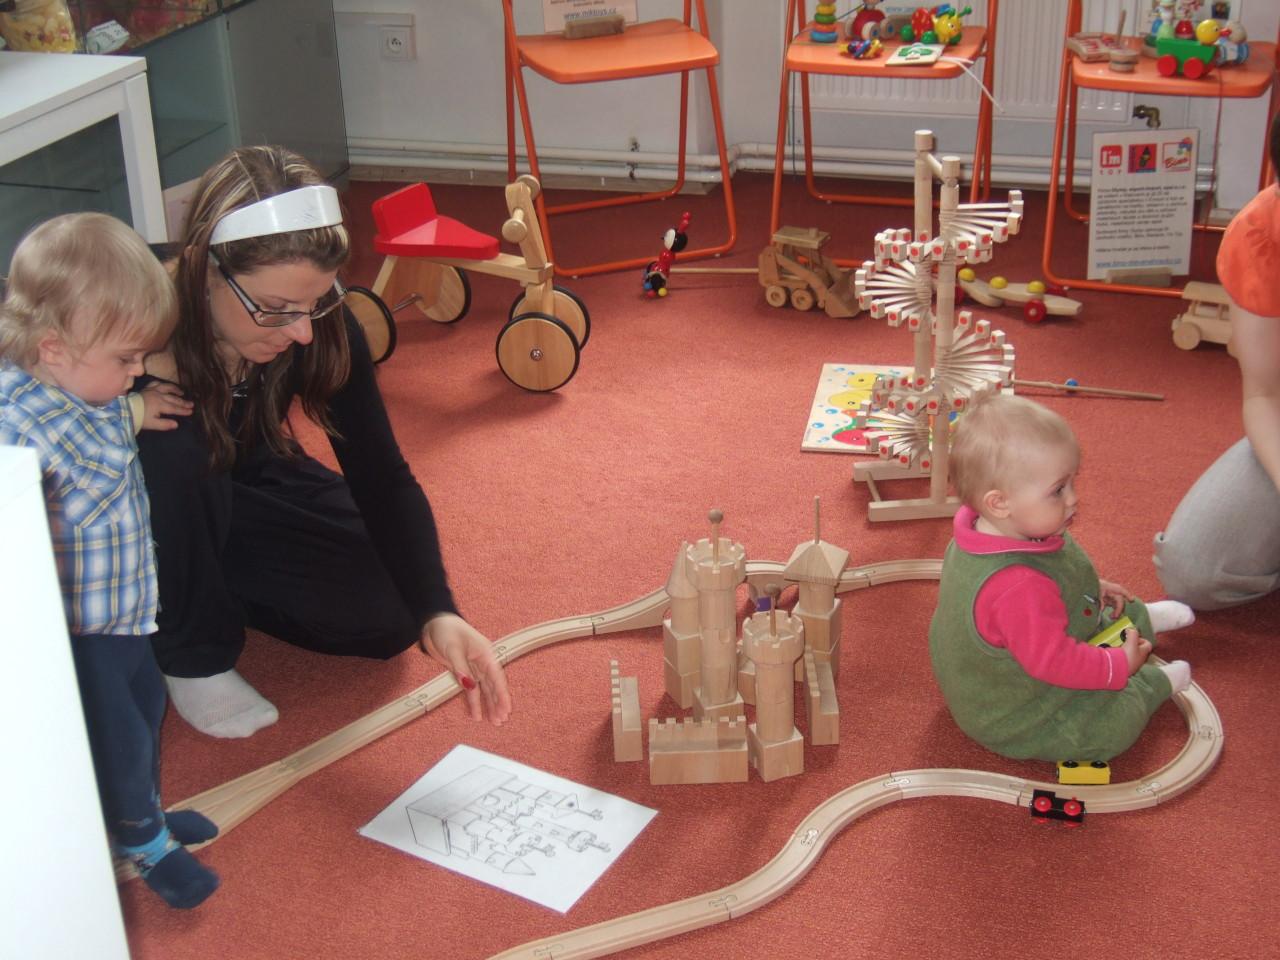 Rosa vystavovala hračky v Prachaticích